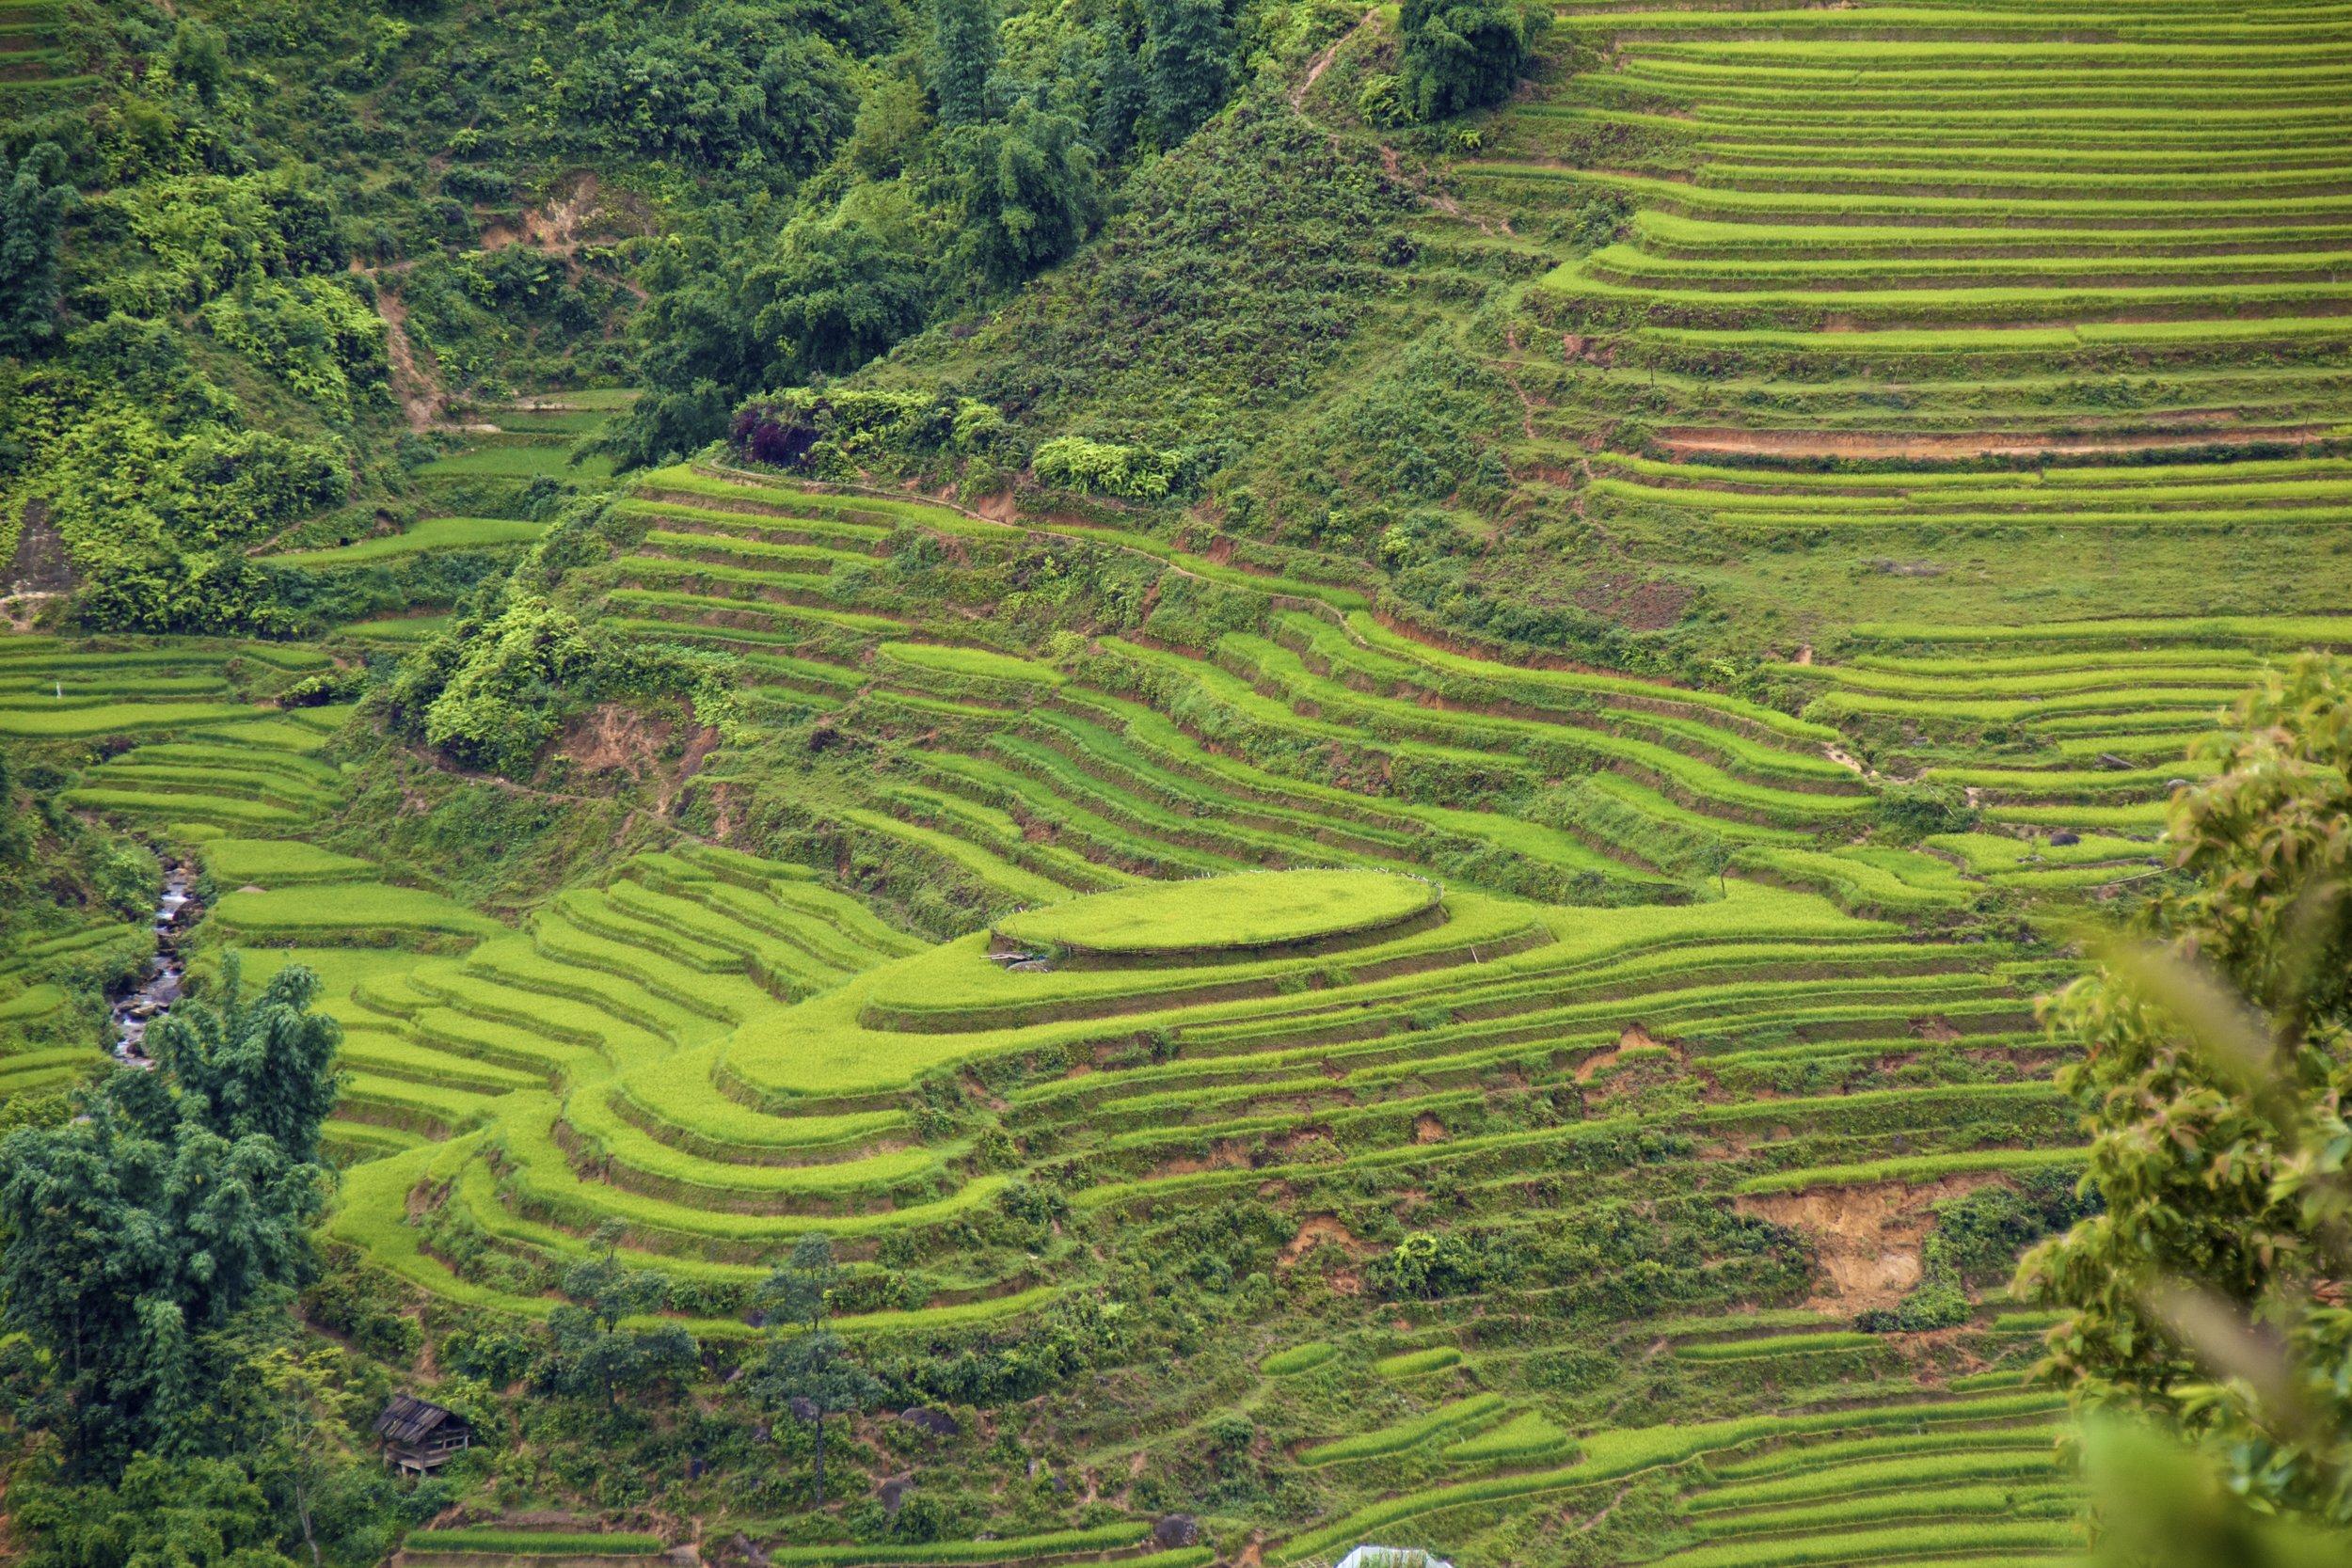 sa pa lao cai vietnam rice paddies 13.jpg